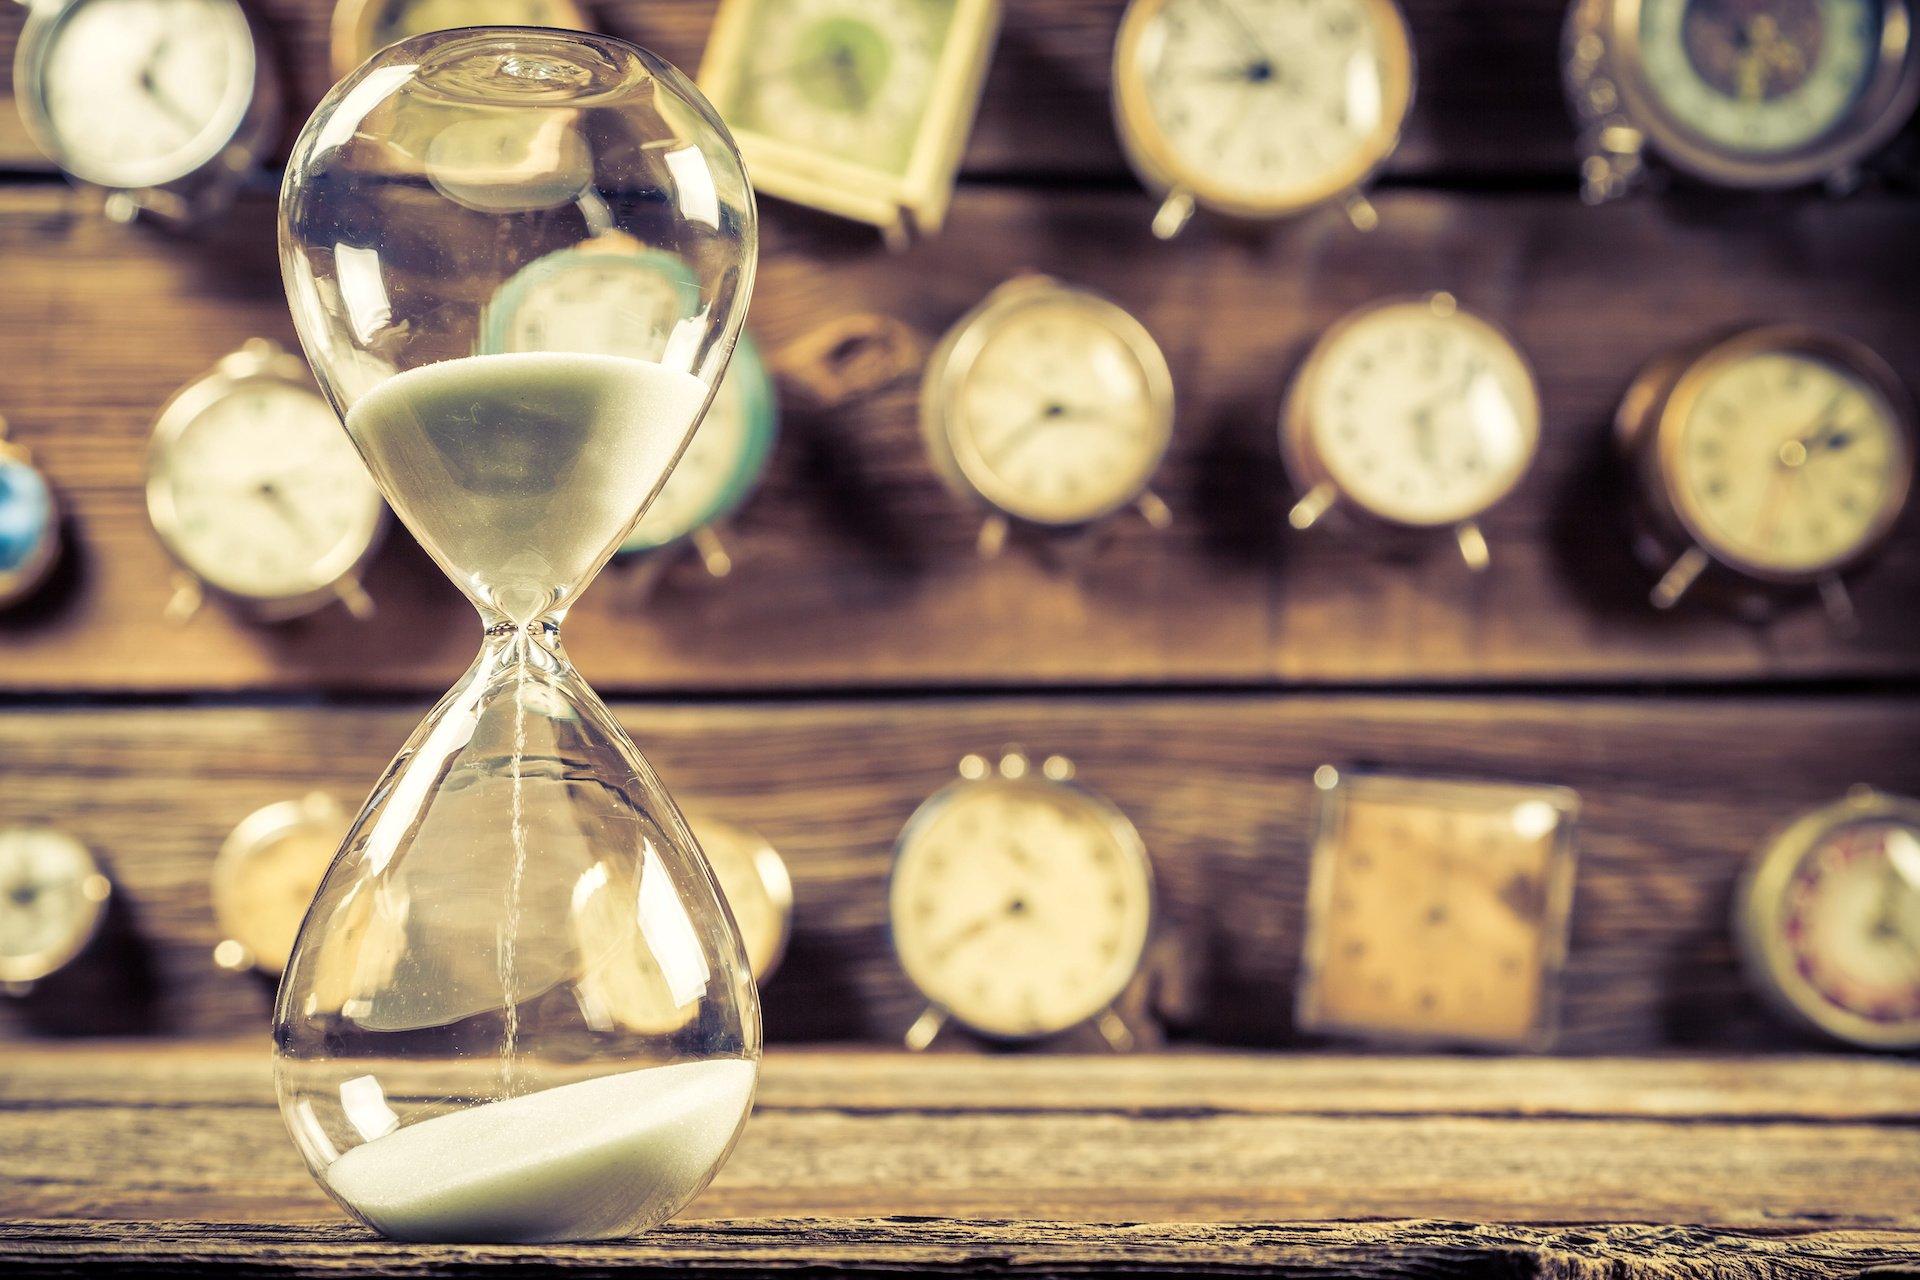 Vintage Sanduhr vor Uhren auf Holzwand